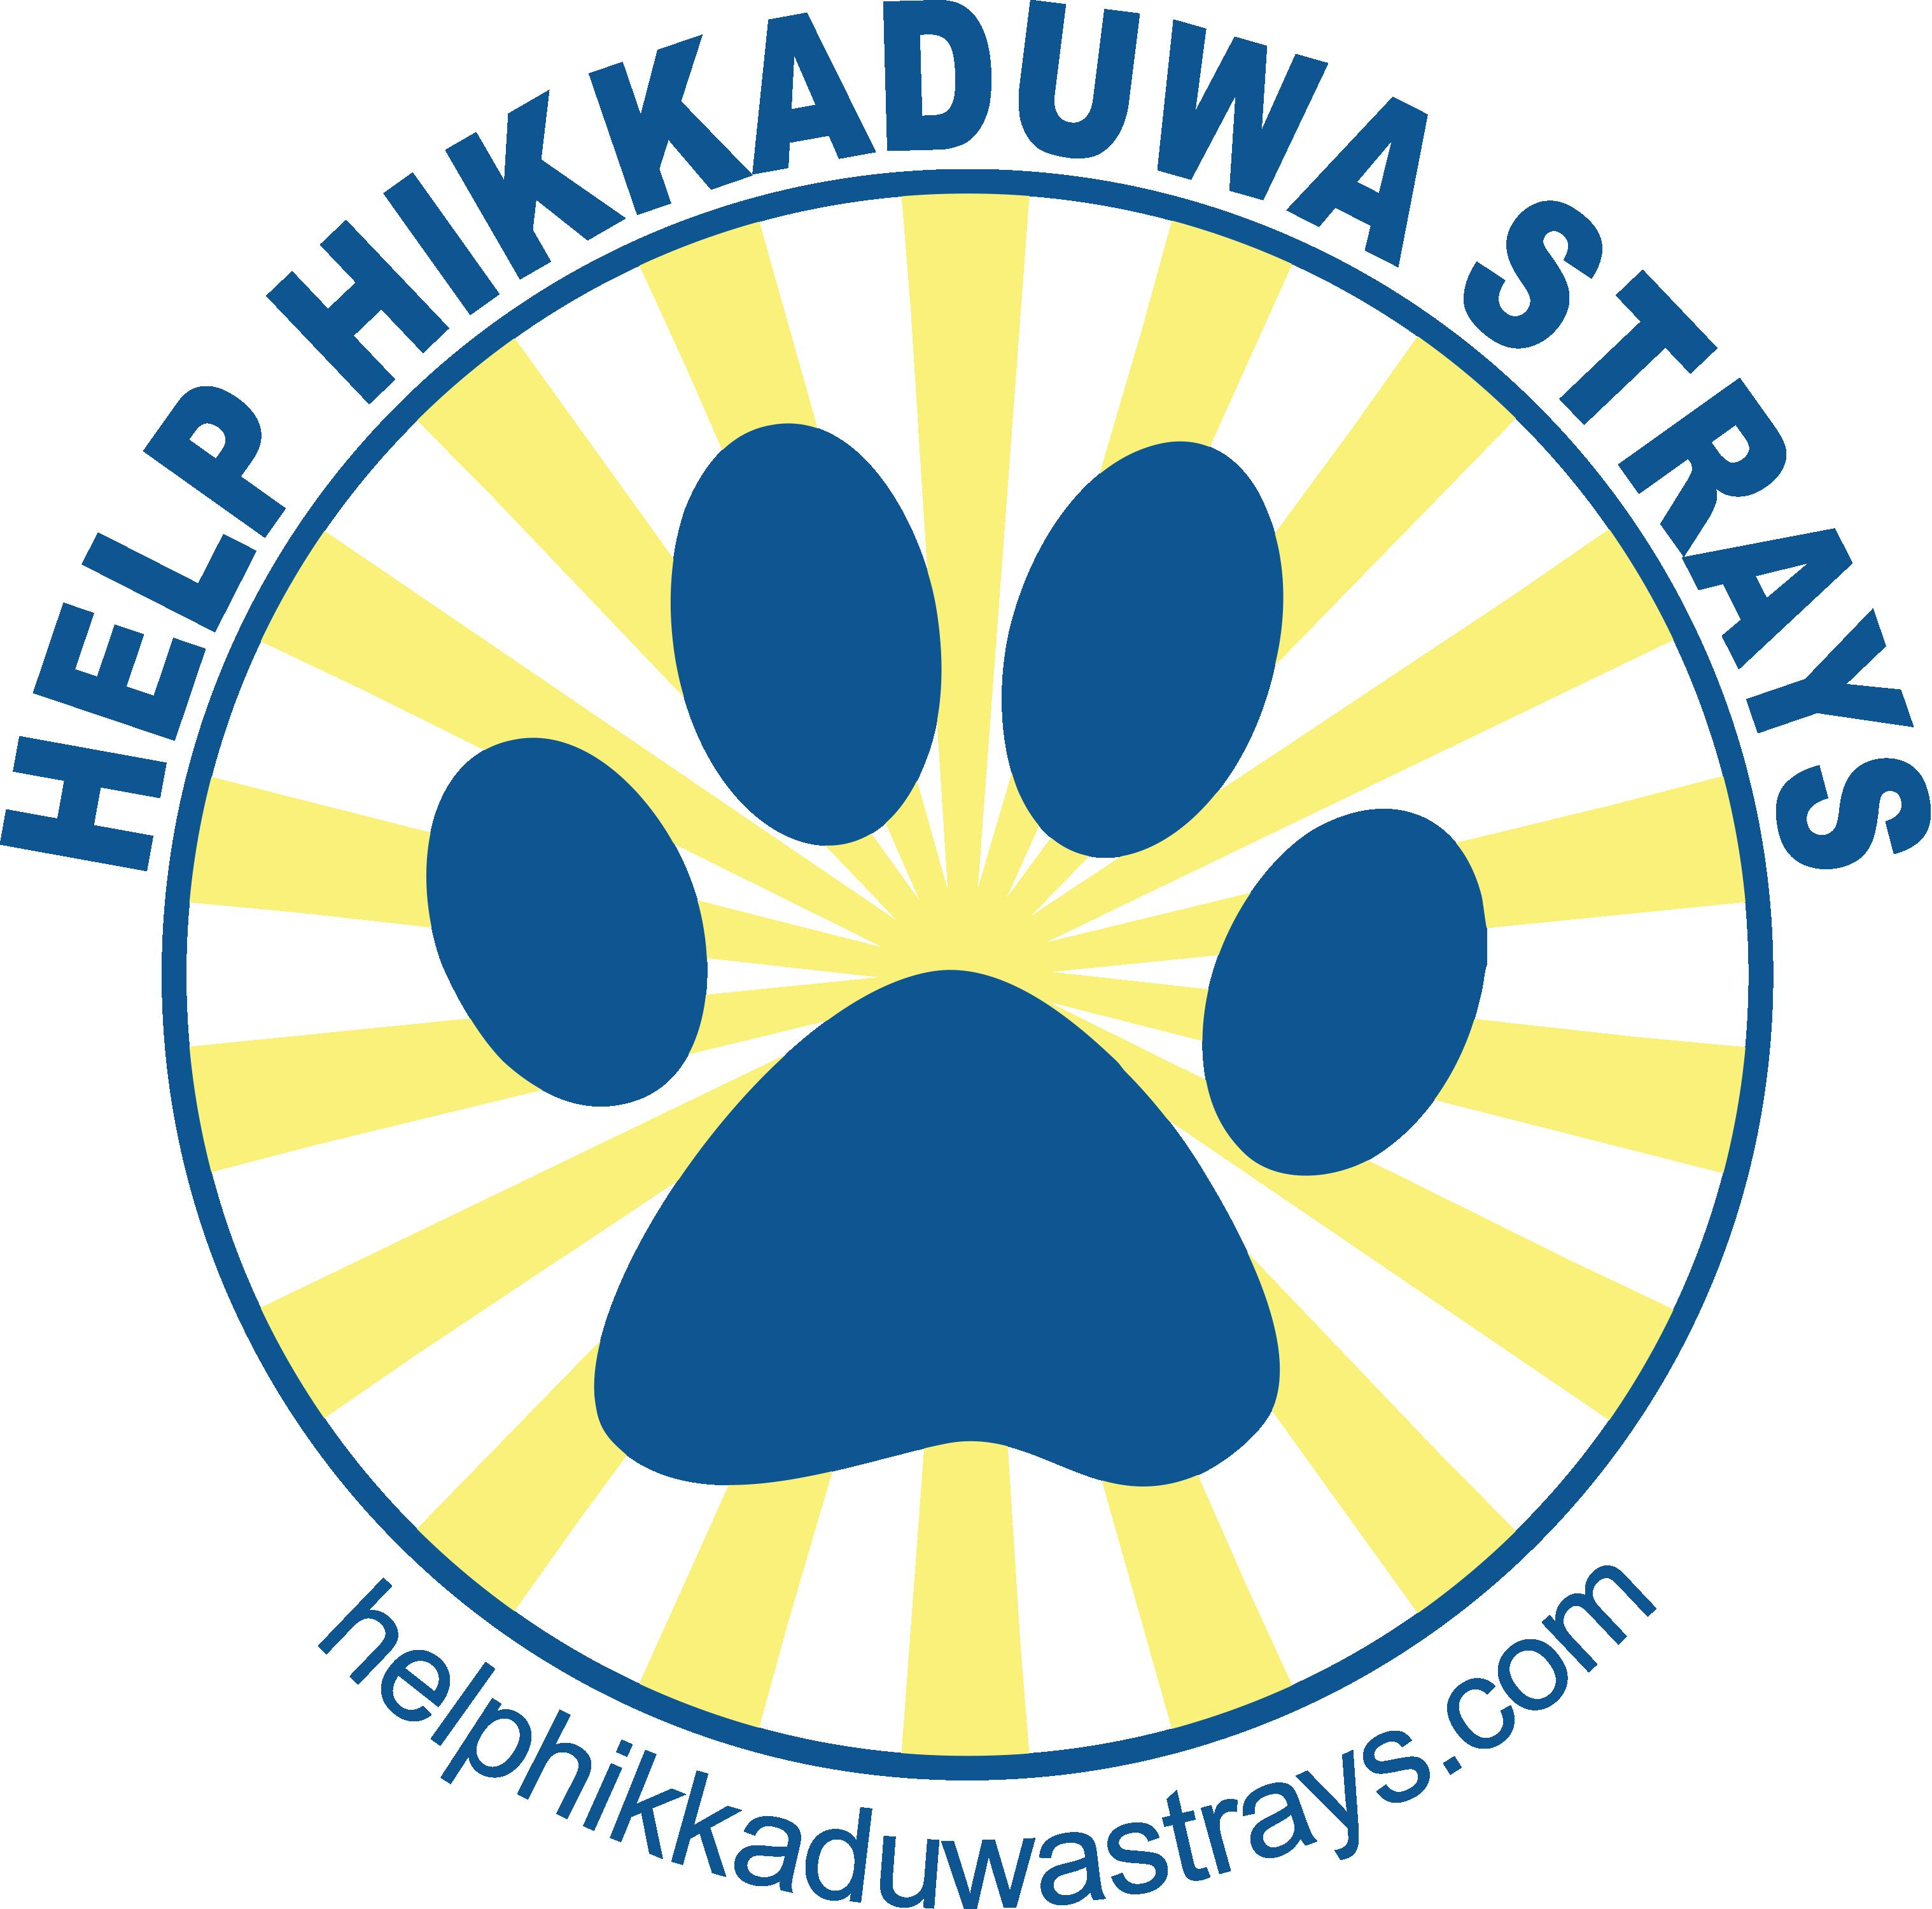 HELP HIKKADUWA STRAYS.